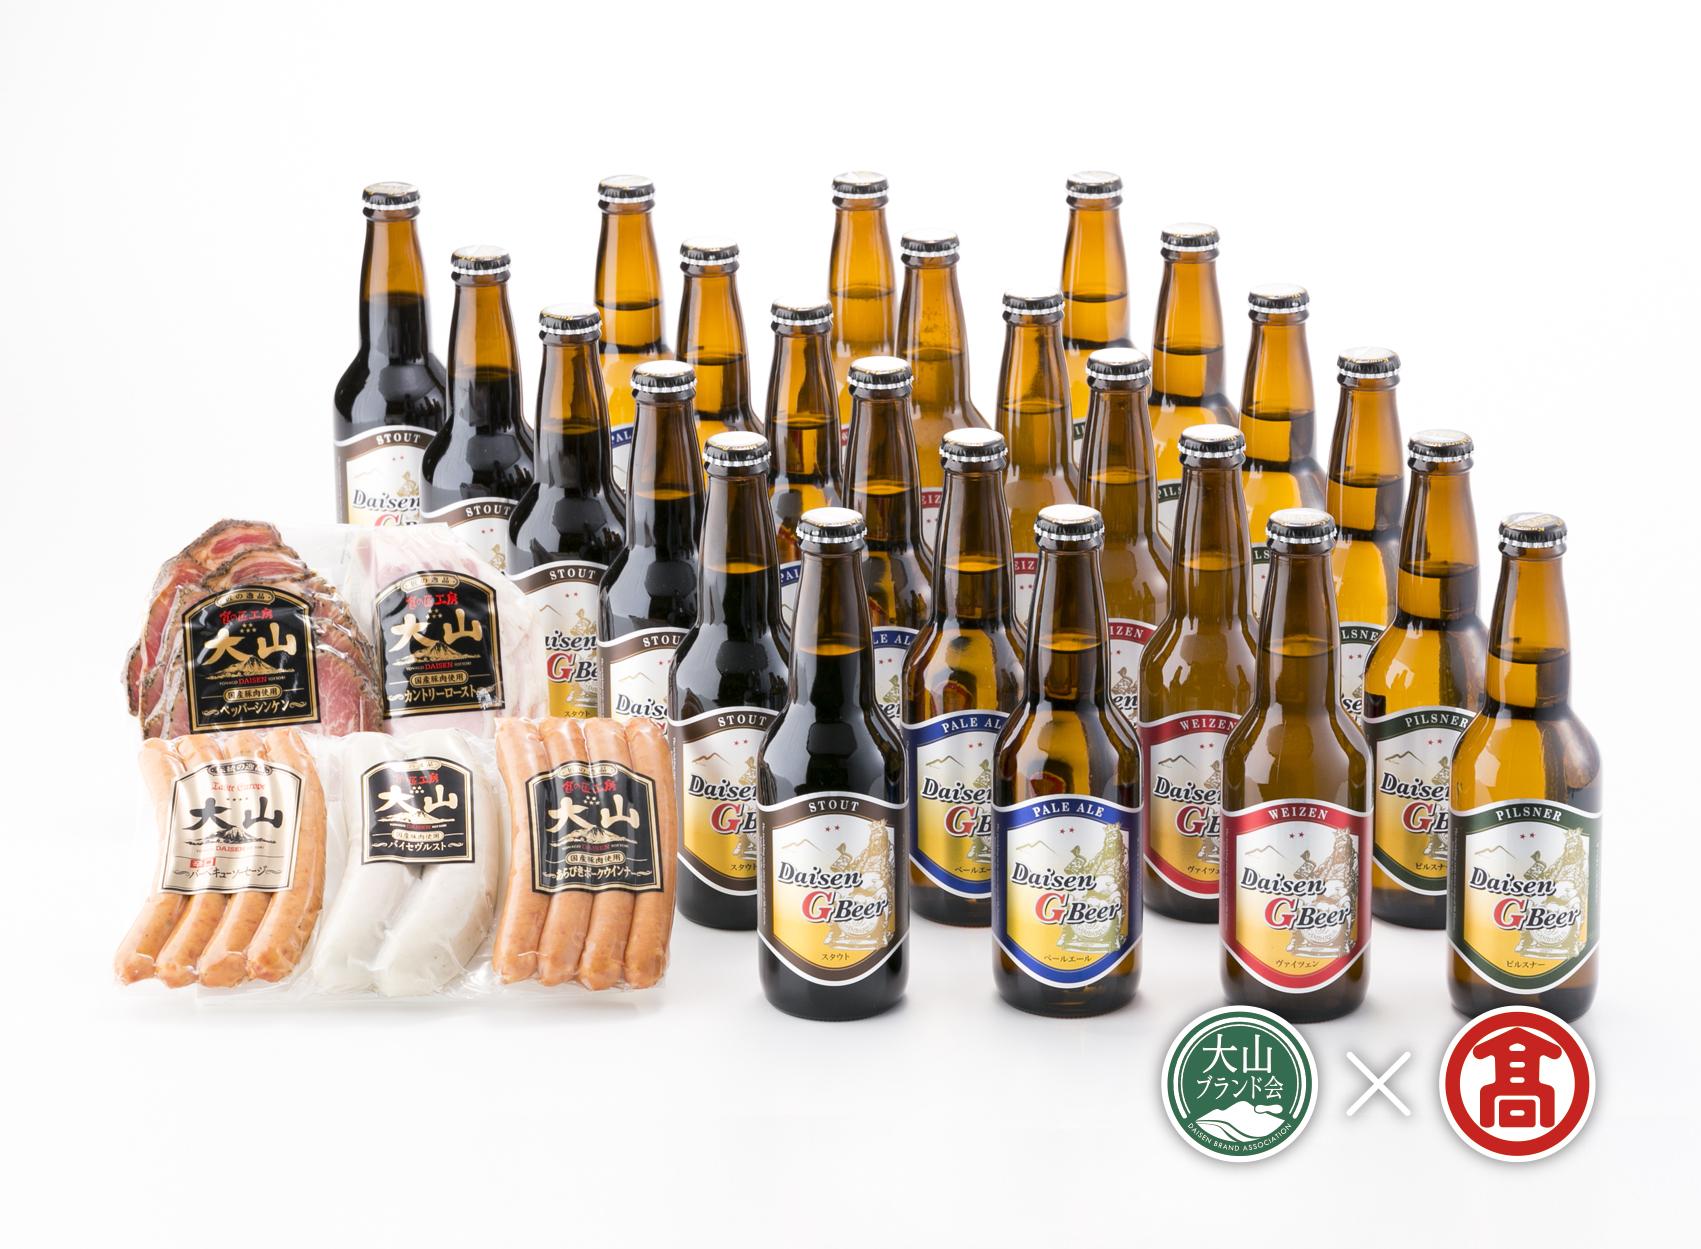 【ふるさと納税】大山Gビール24本・大山ハム詰合せF(大山ブランド会)